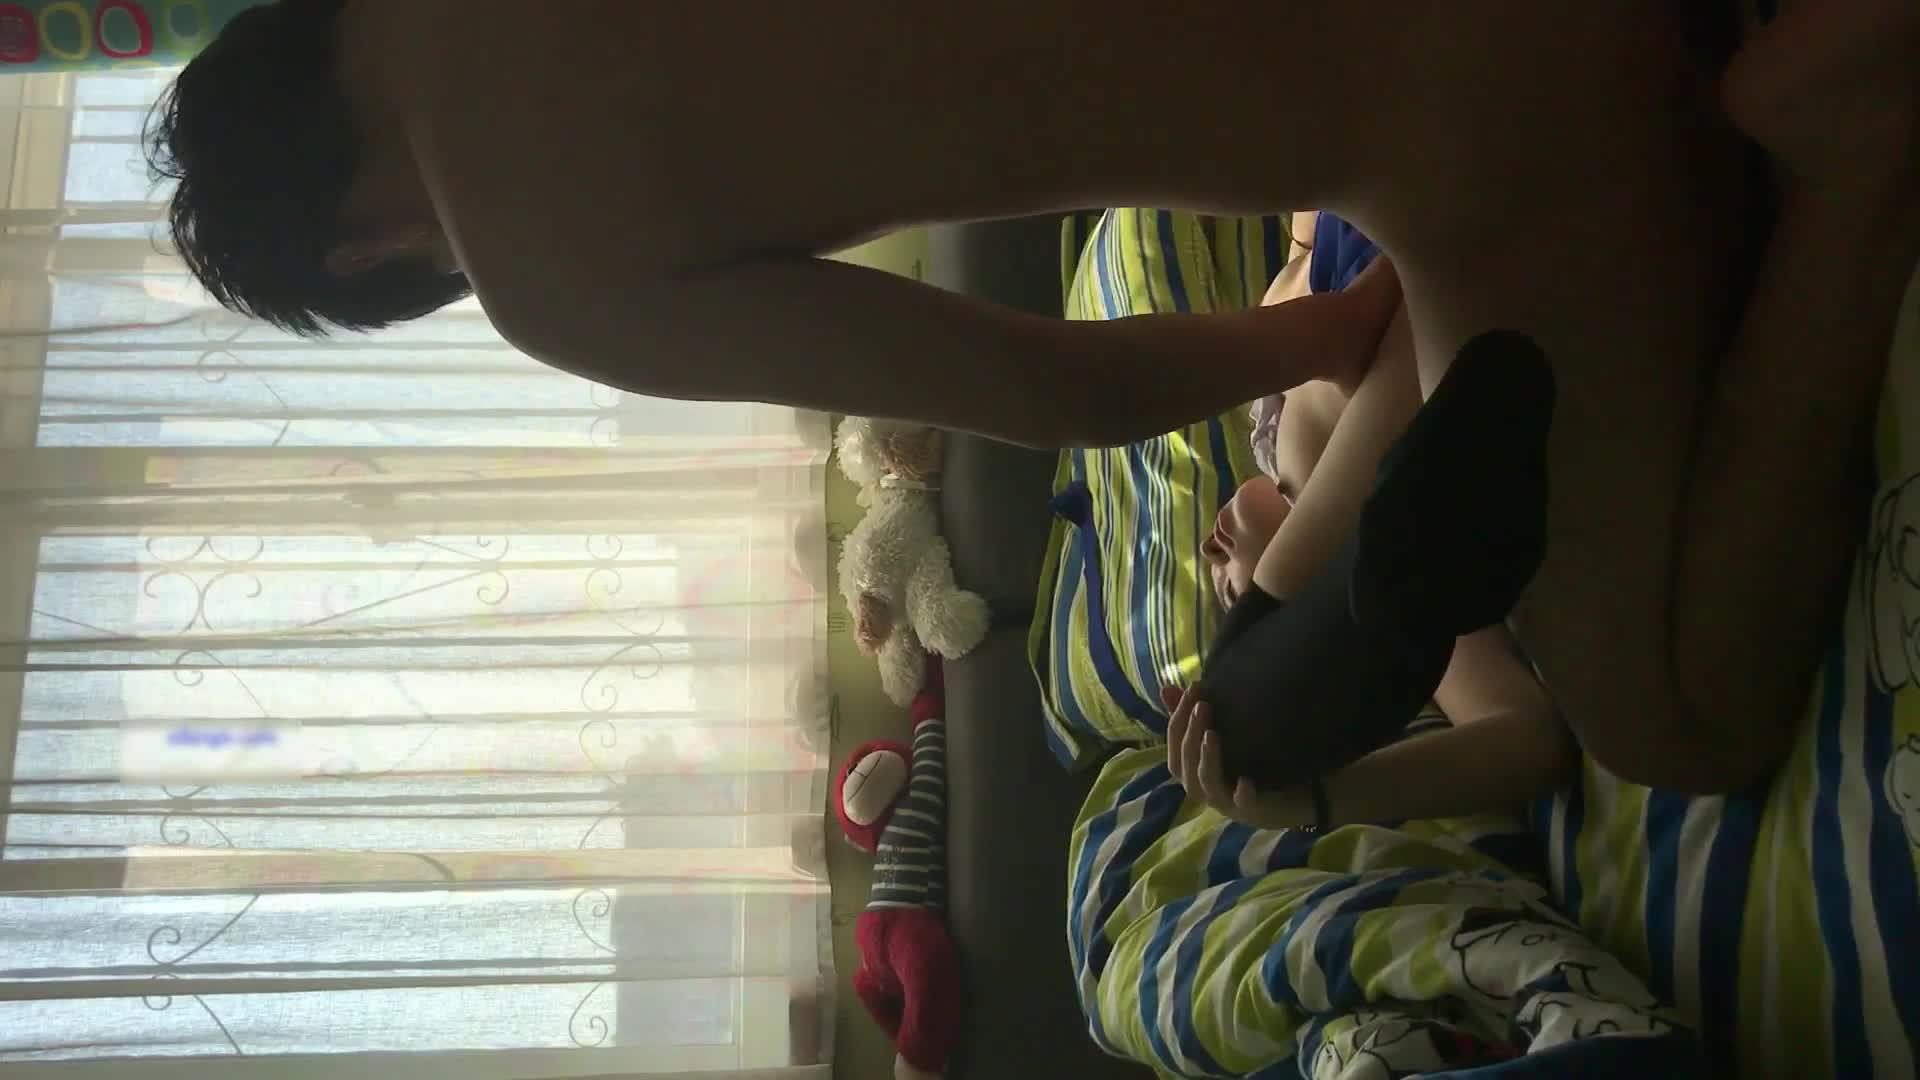 我害羞校花级小美女穿着空姐制服黑丝和排骨男友在房间啪啪妹子咋会看上这男的一点都不帅